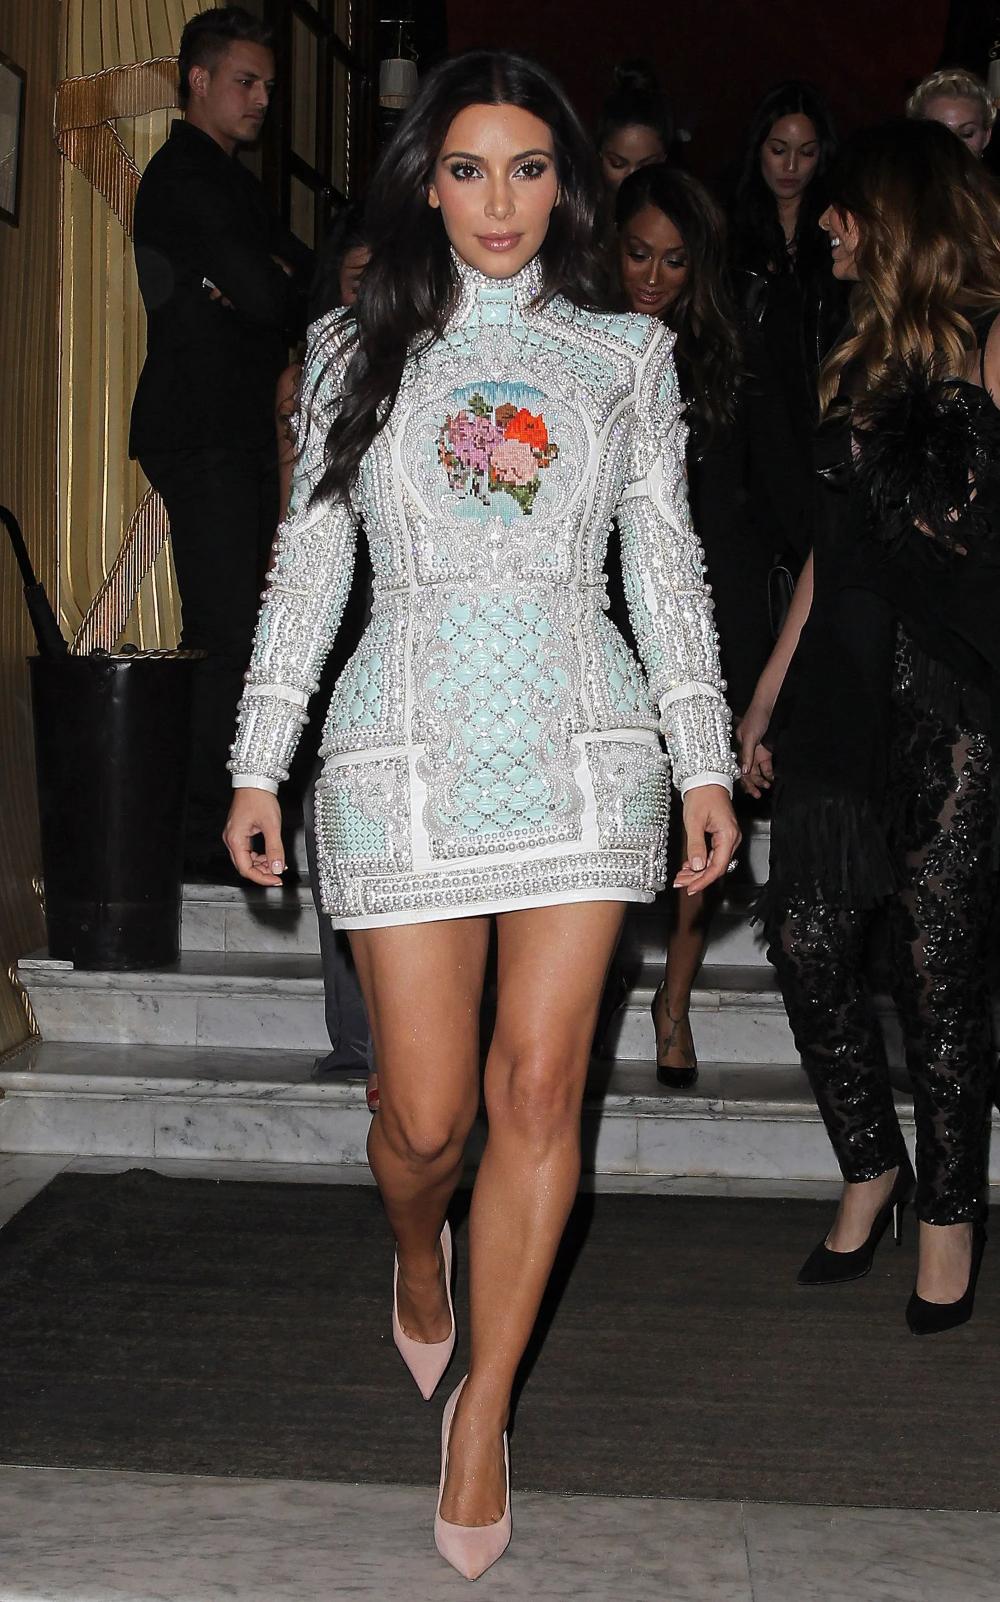 Kim Kardashian S Little White Dress For A Very Important Pre Wedding Girls Night Out Kim Kardashian Style Outfits Fashion White Dress Top [ 1602 x 1000 Pixel ]